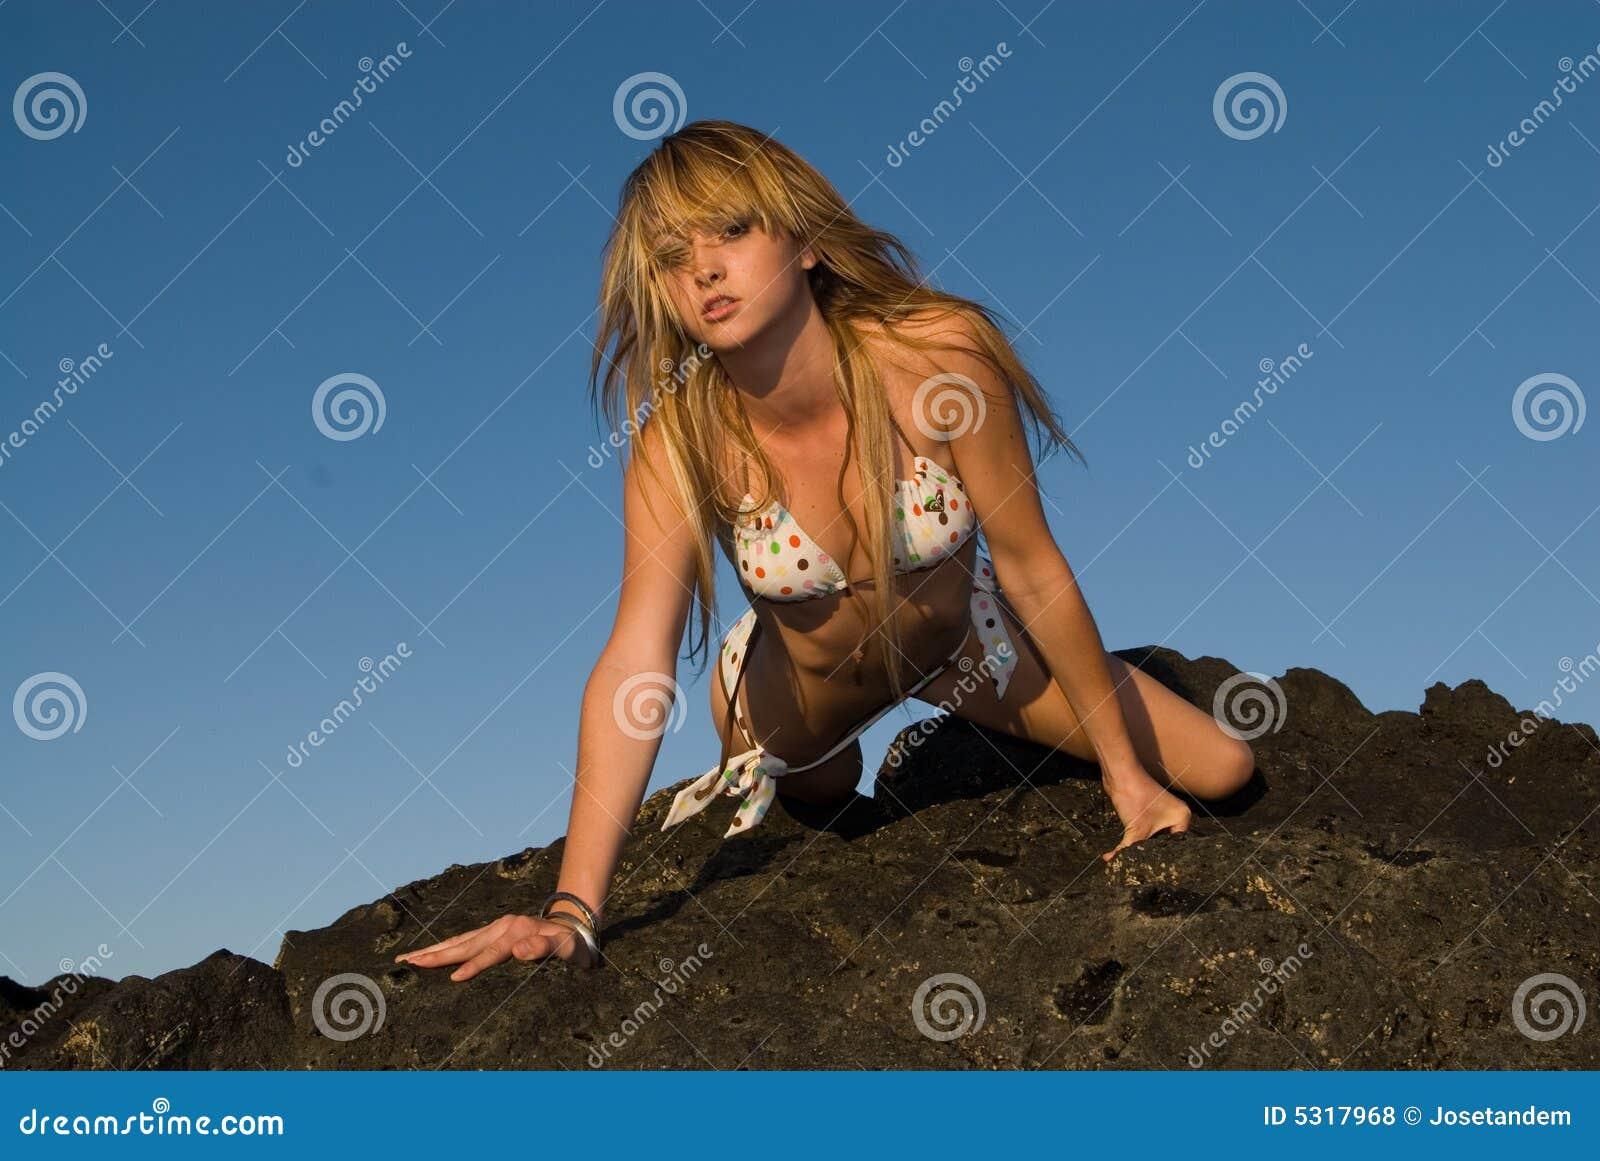 Download Ragazza Sexy Sopra Il Cielo Blu Fotografia Stock - Immagine di posizione, ragazza: 5317968